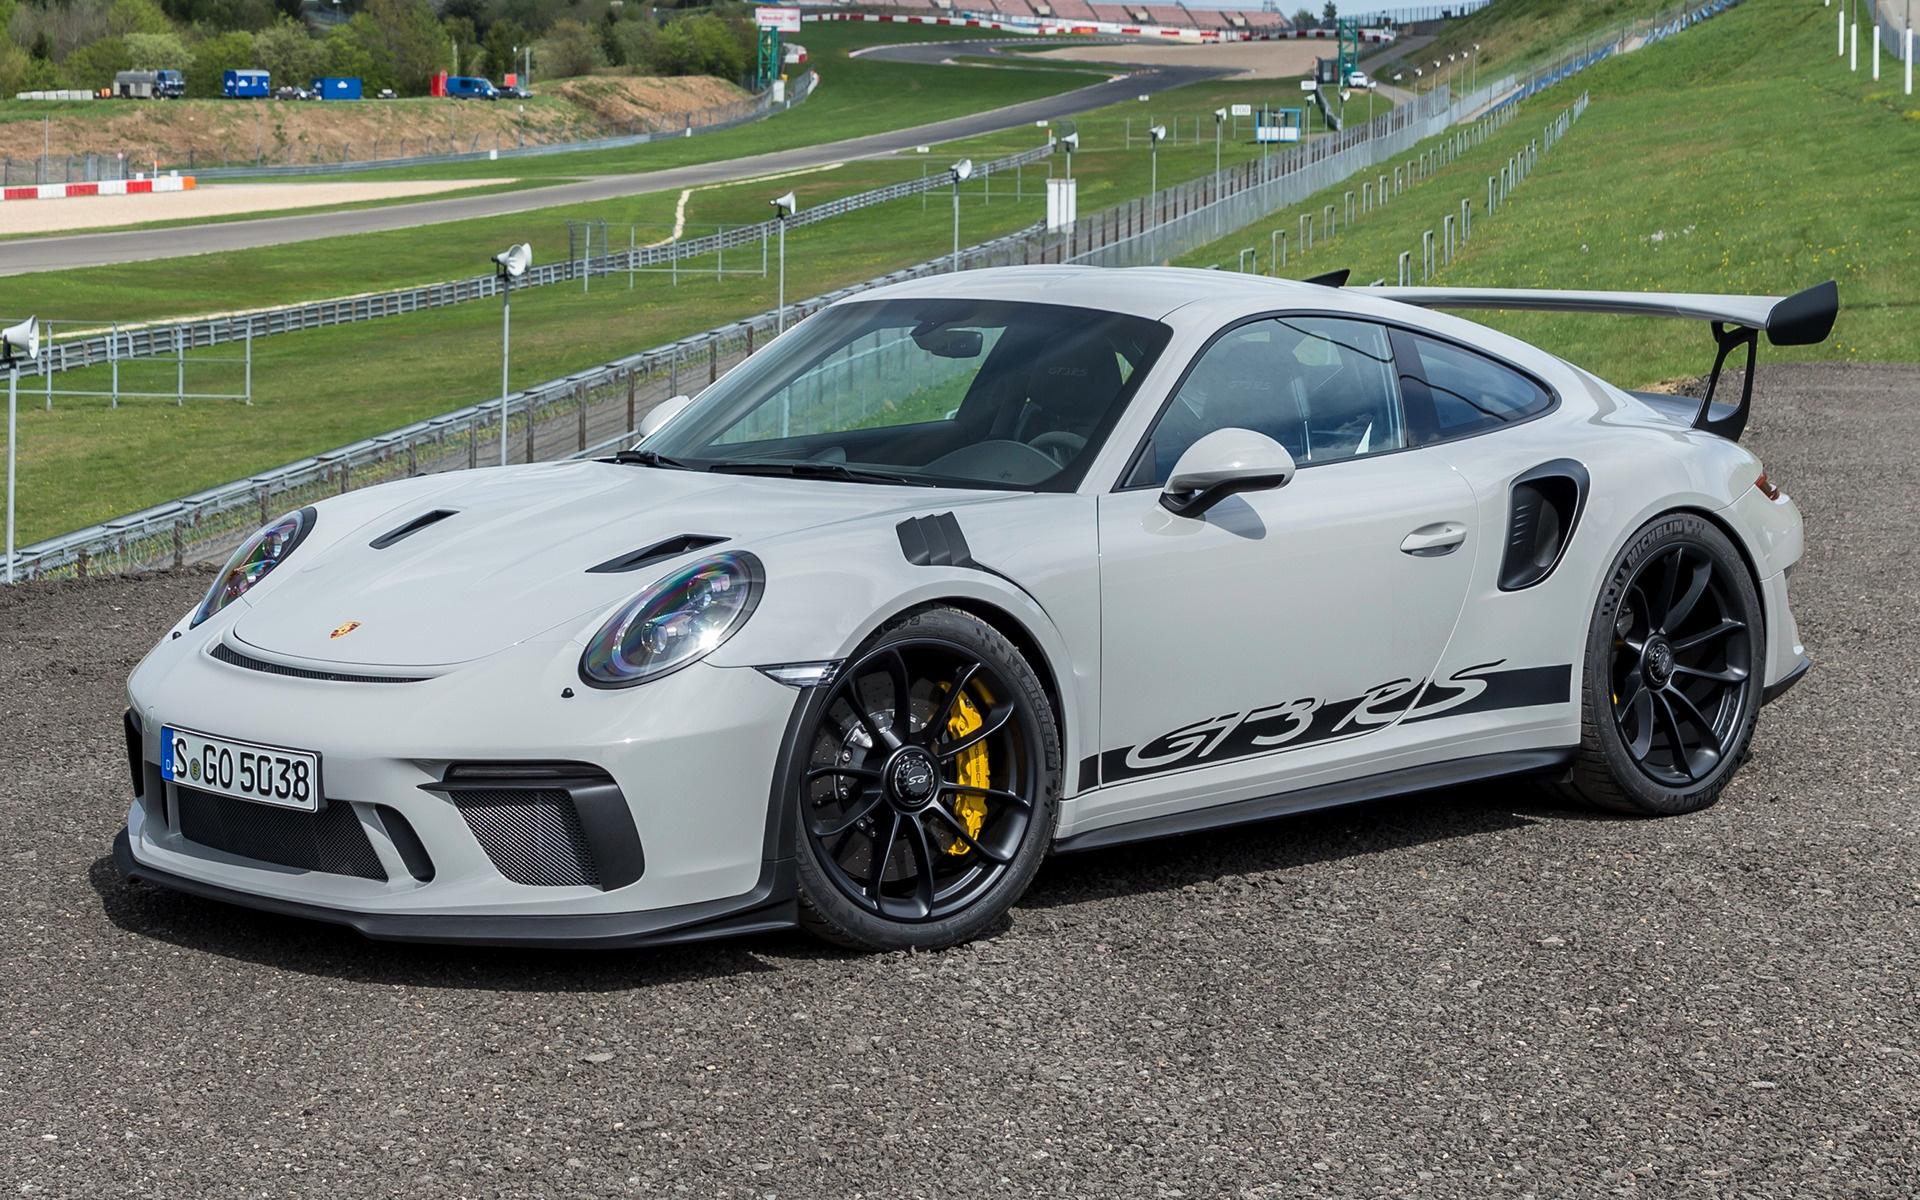 2018 Porsche 911 Gt3 Rs Hintergrundbilder Und Wallpaper In Hd Car Pixel